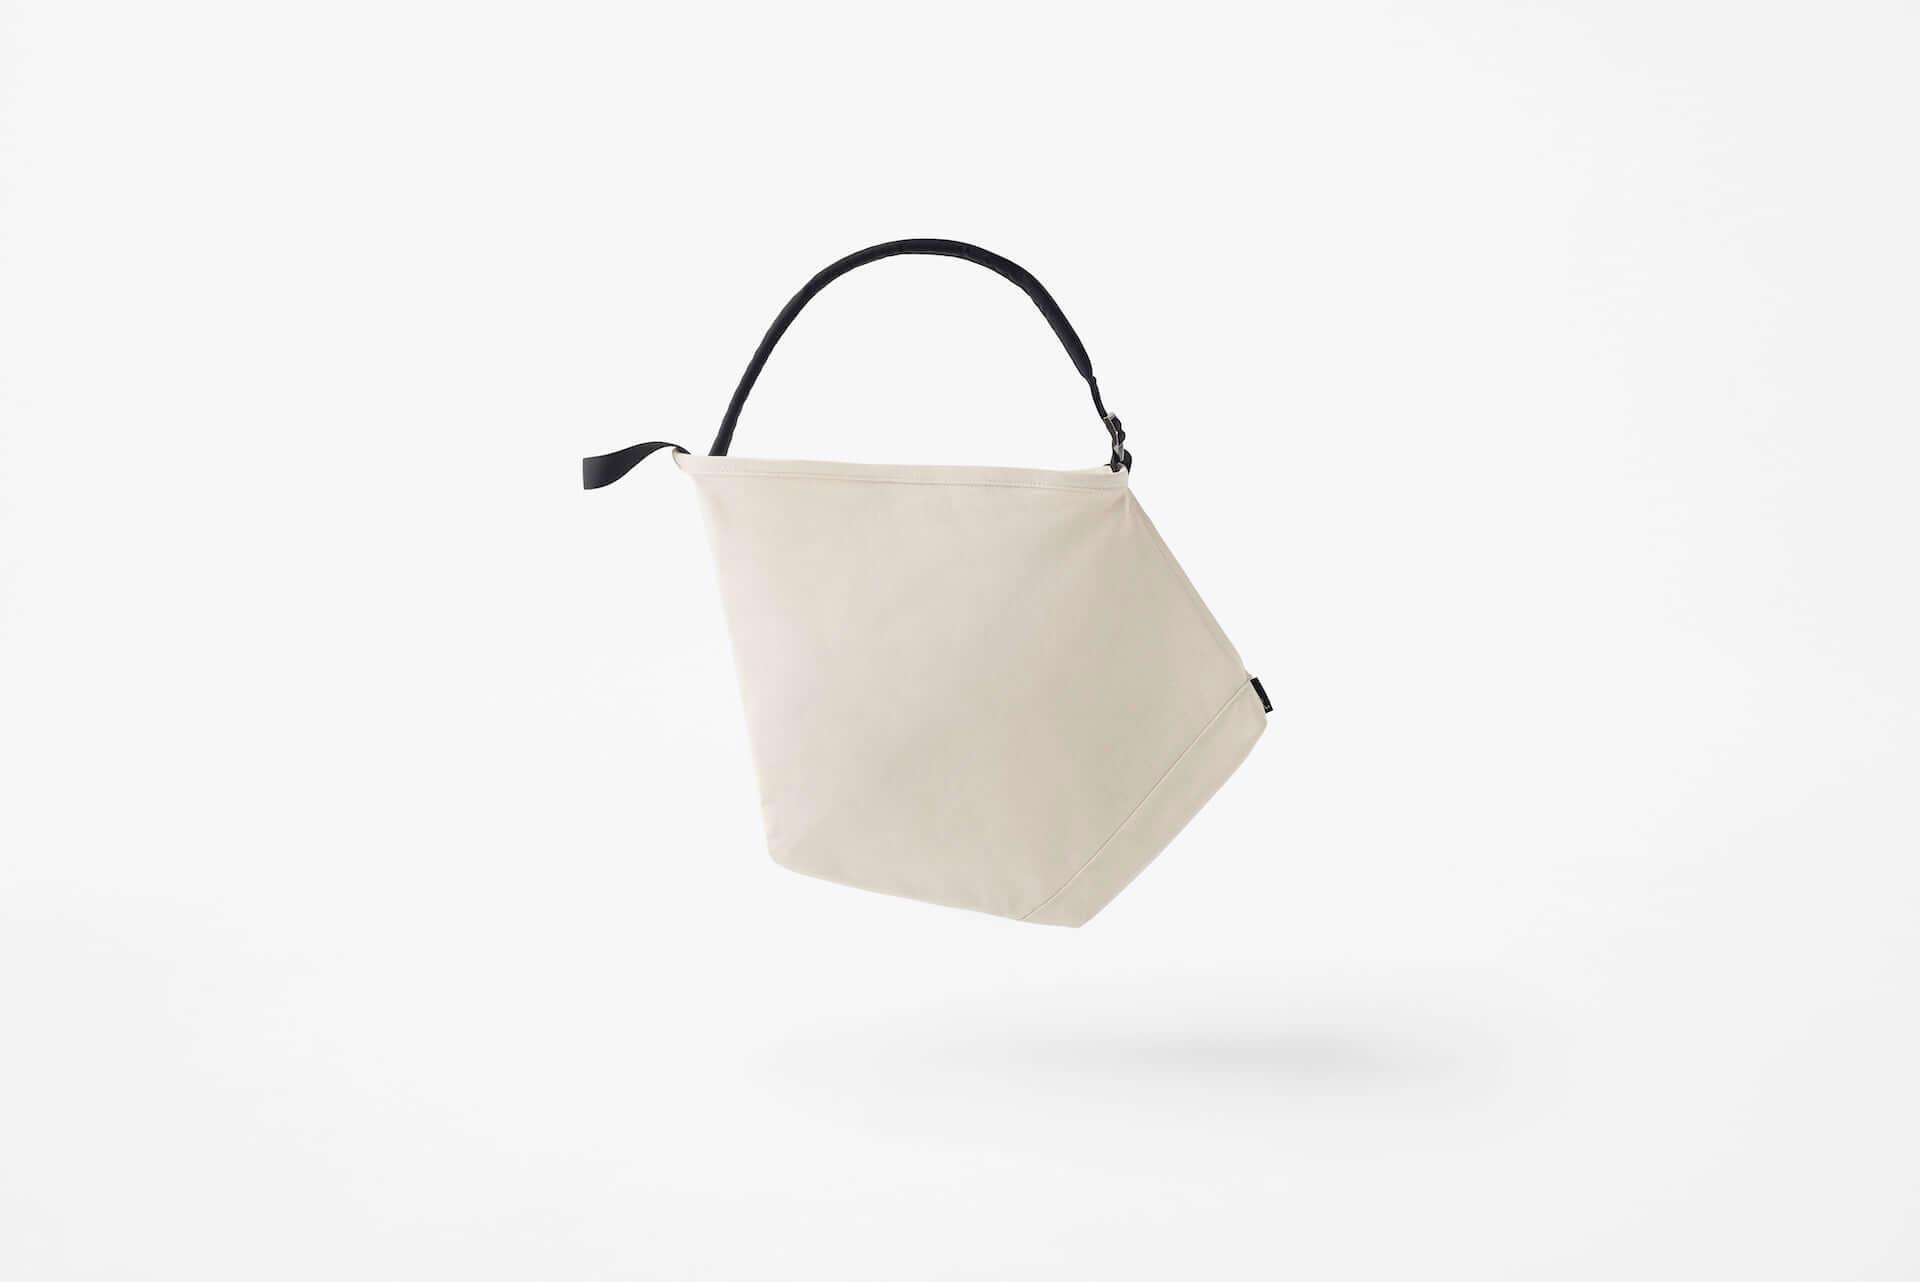 リュックとトートの利便性を兼ね備えたバッグが登場!ROOTOTEとnendoのコラボアイテム「ruck-tote」が発売 41985906b8e7e04706886c084503d47e-1920x1282